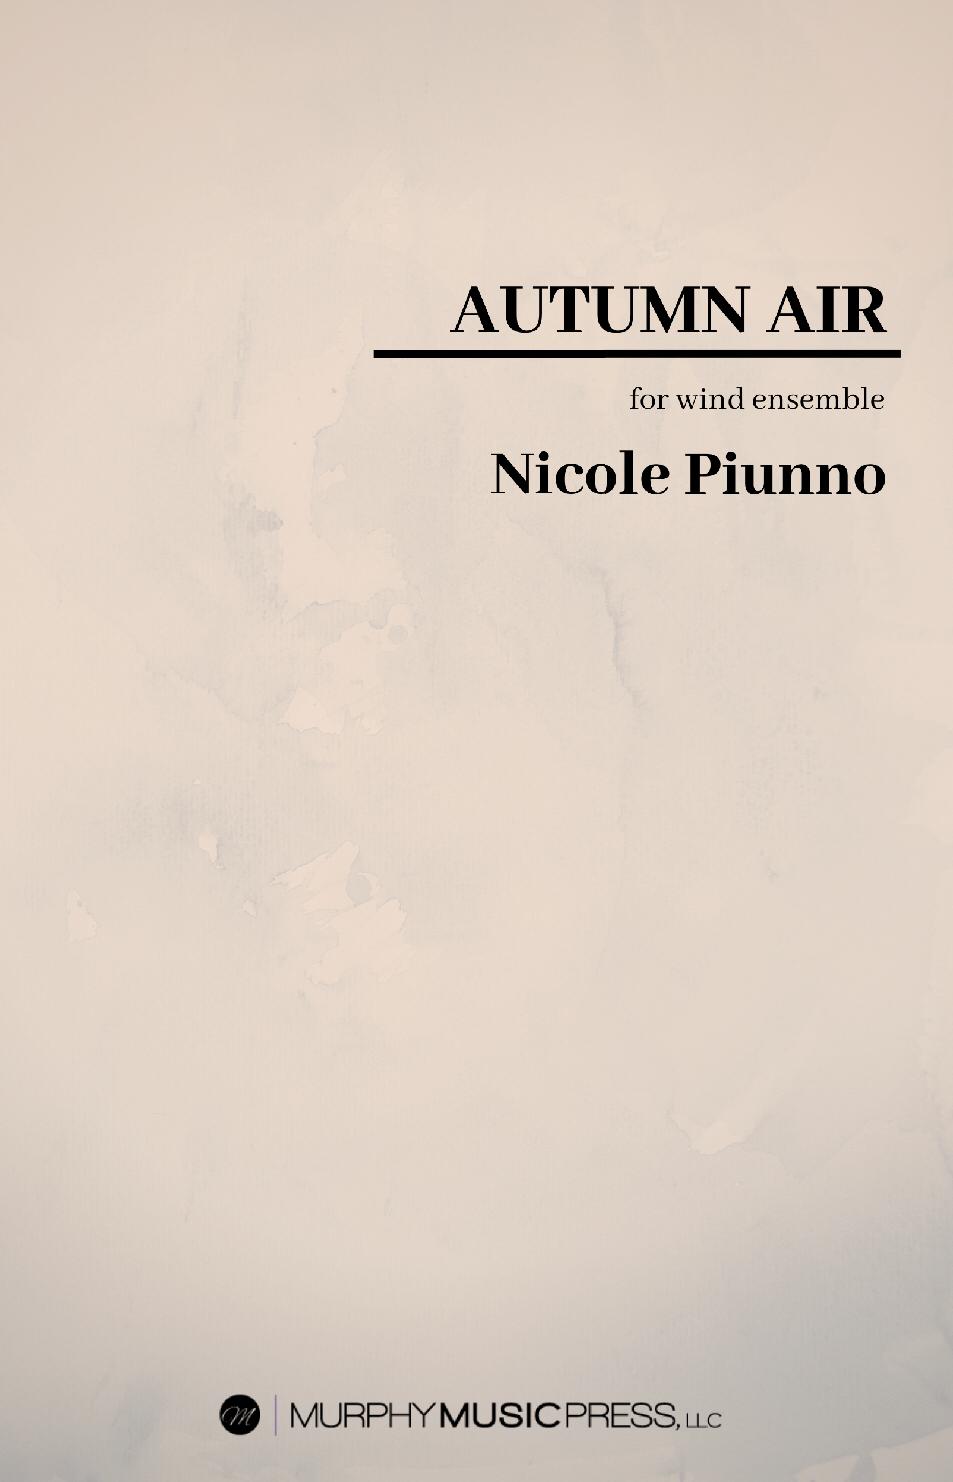 Autumn Air by Nicole Piunno